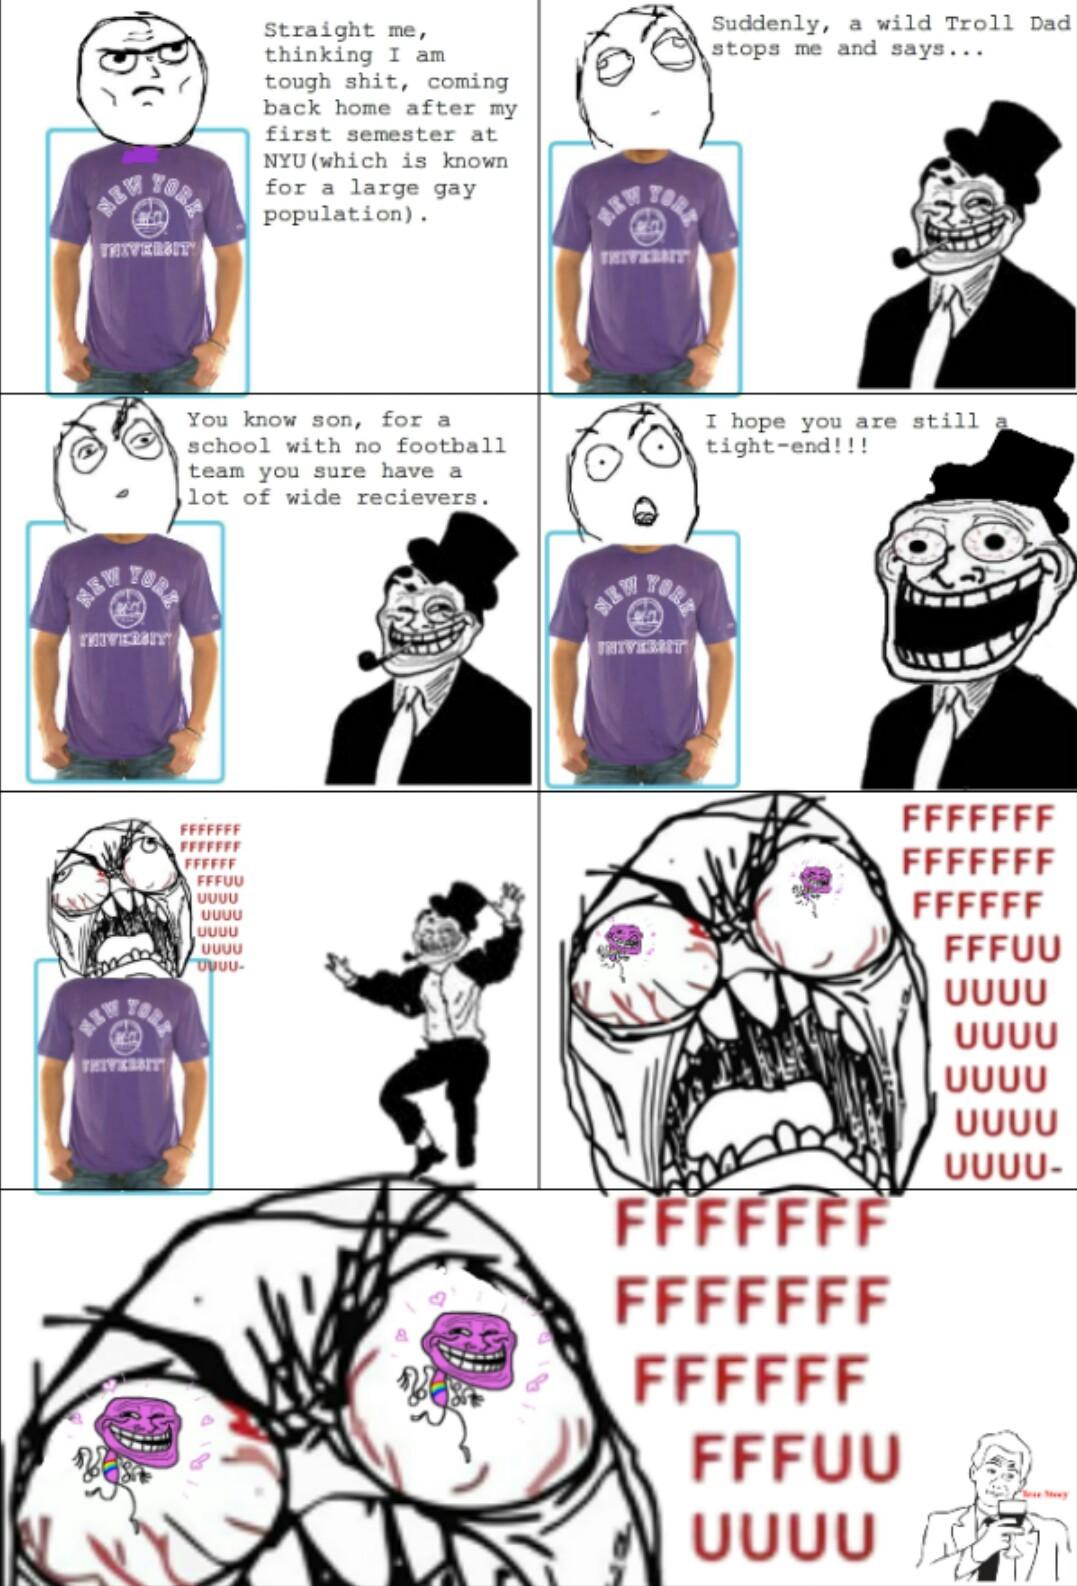 Damn troll dad - meme